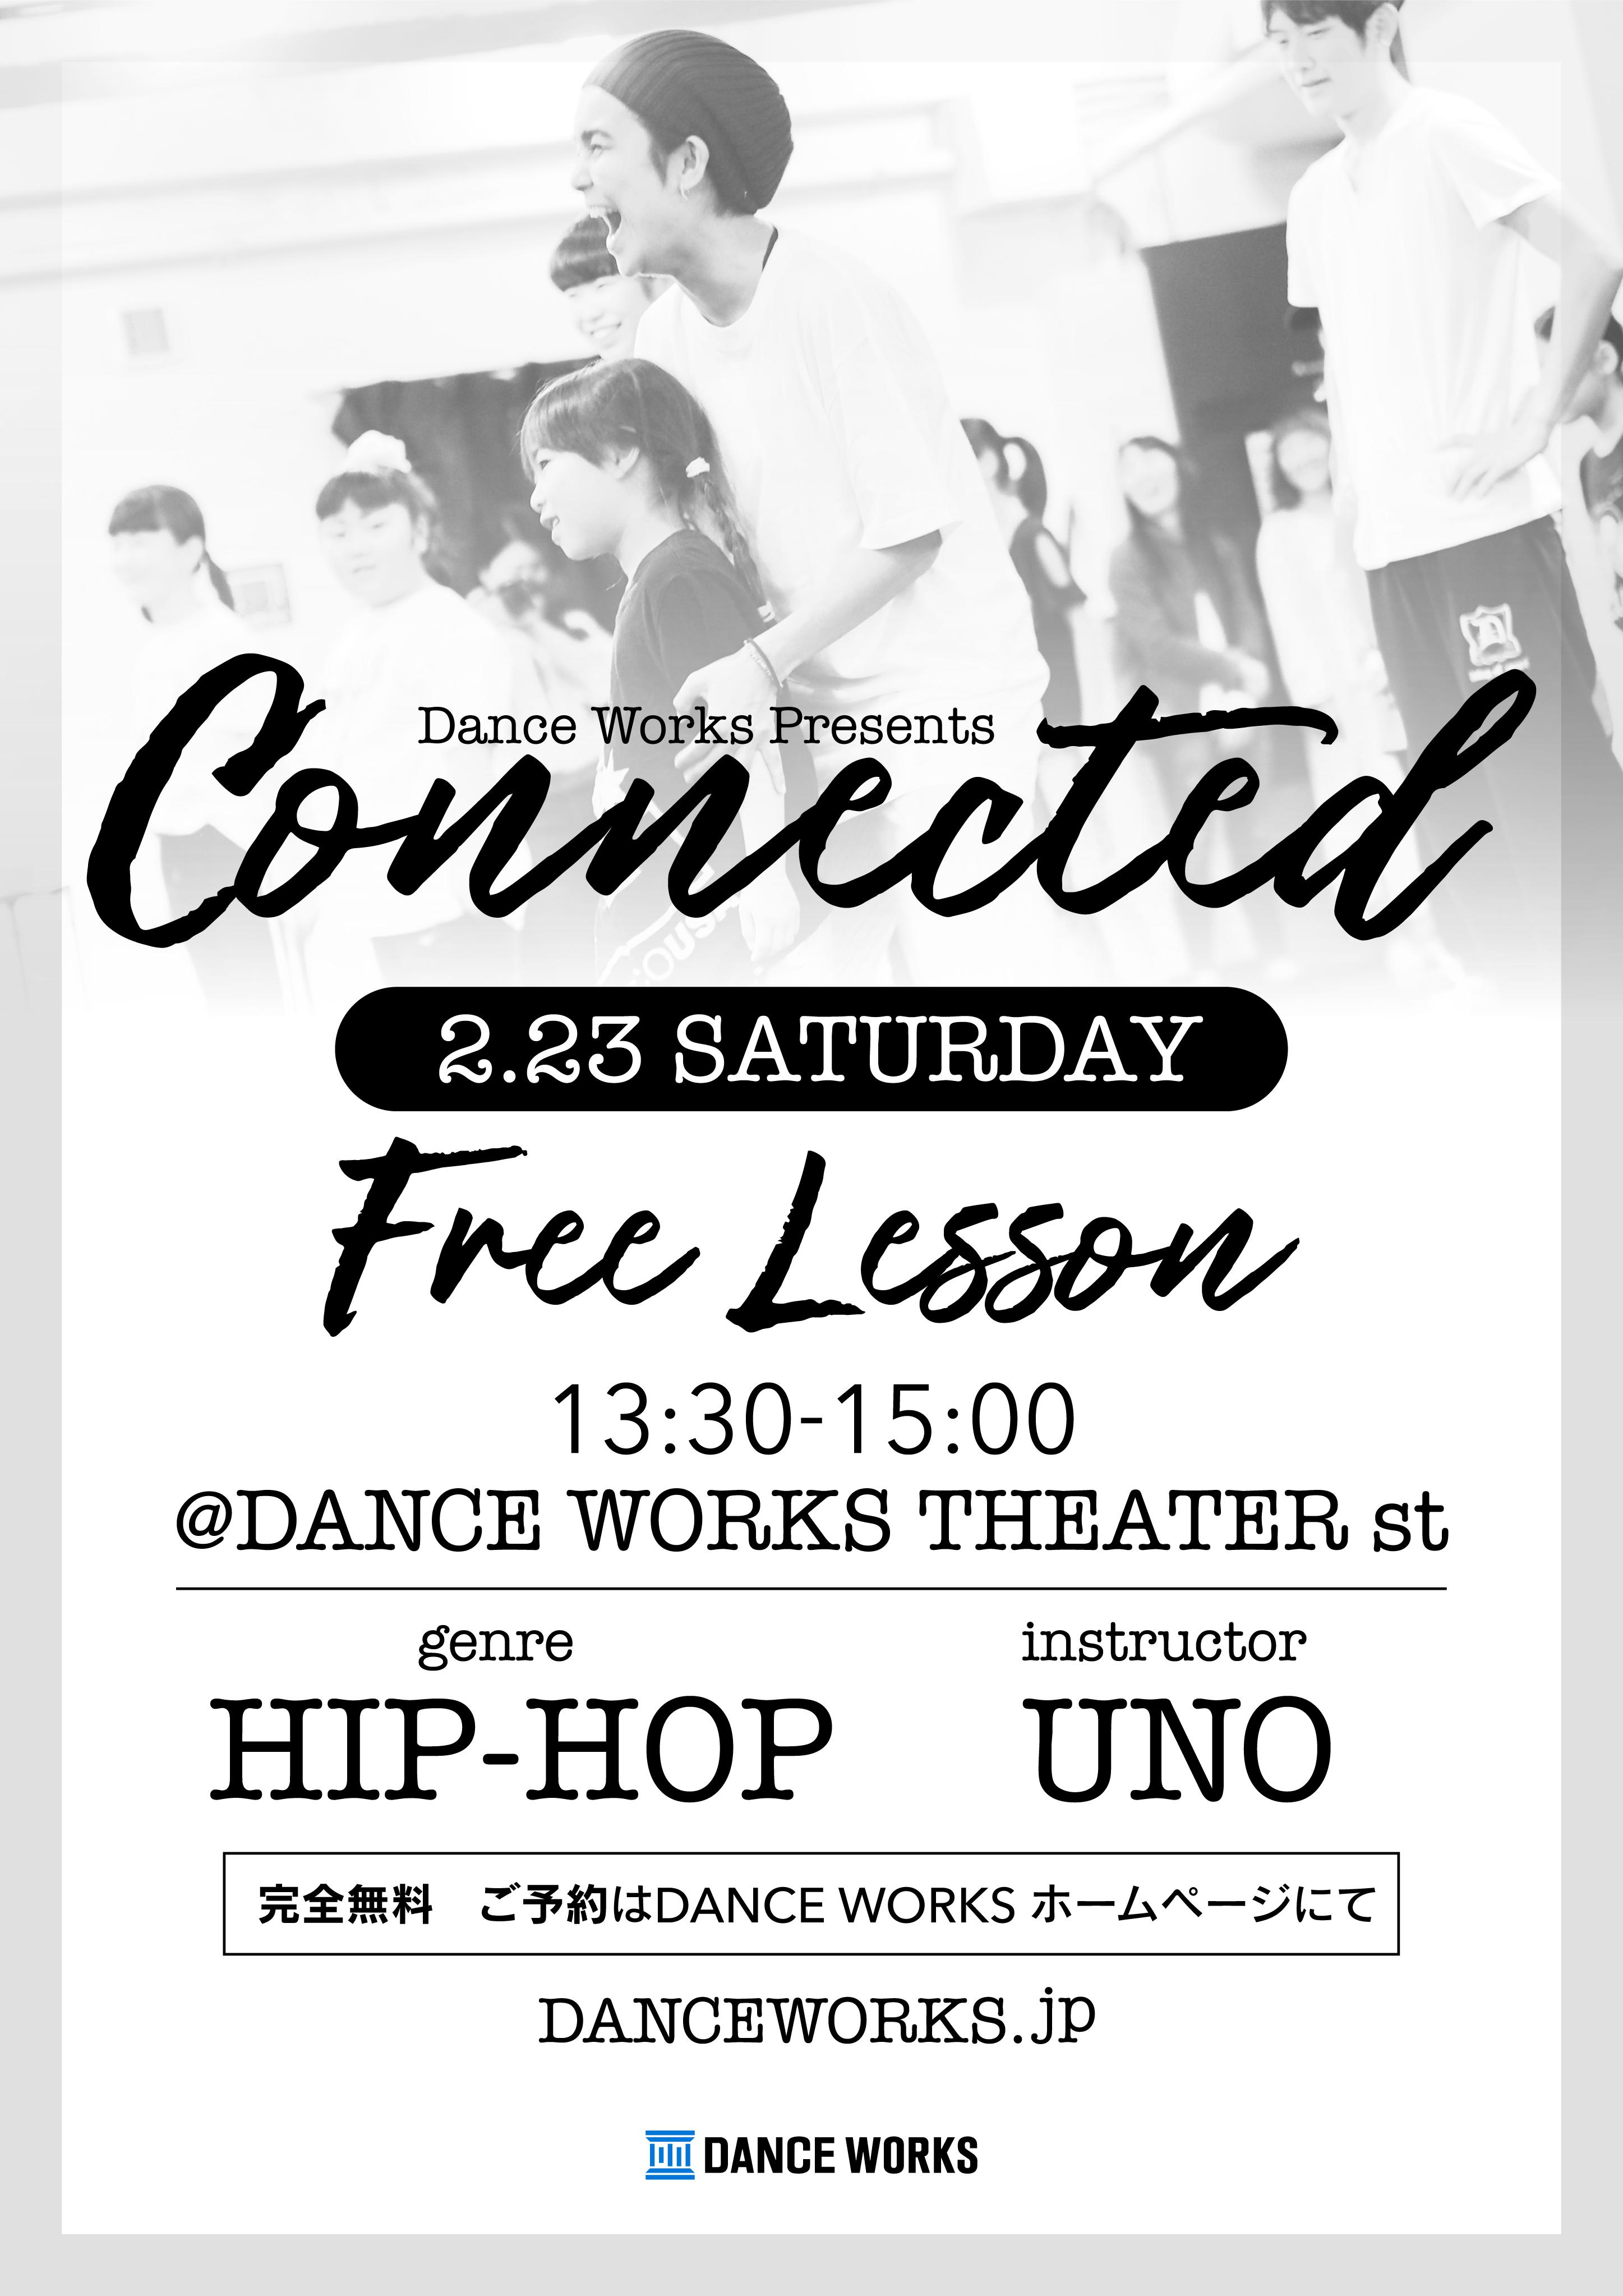 """国境、年代、性別やハンディも越えて 「音楽」と「こころ」で繋がる ダンスプロジェクト。""""CONNECTED""""  無料ワークショップ開催決定!!"""